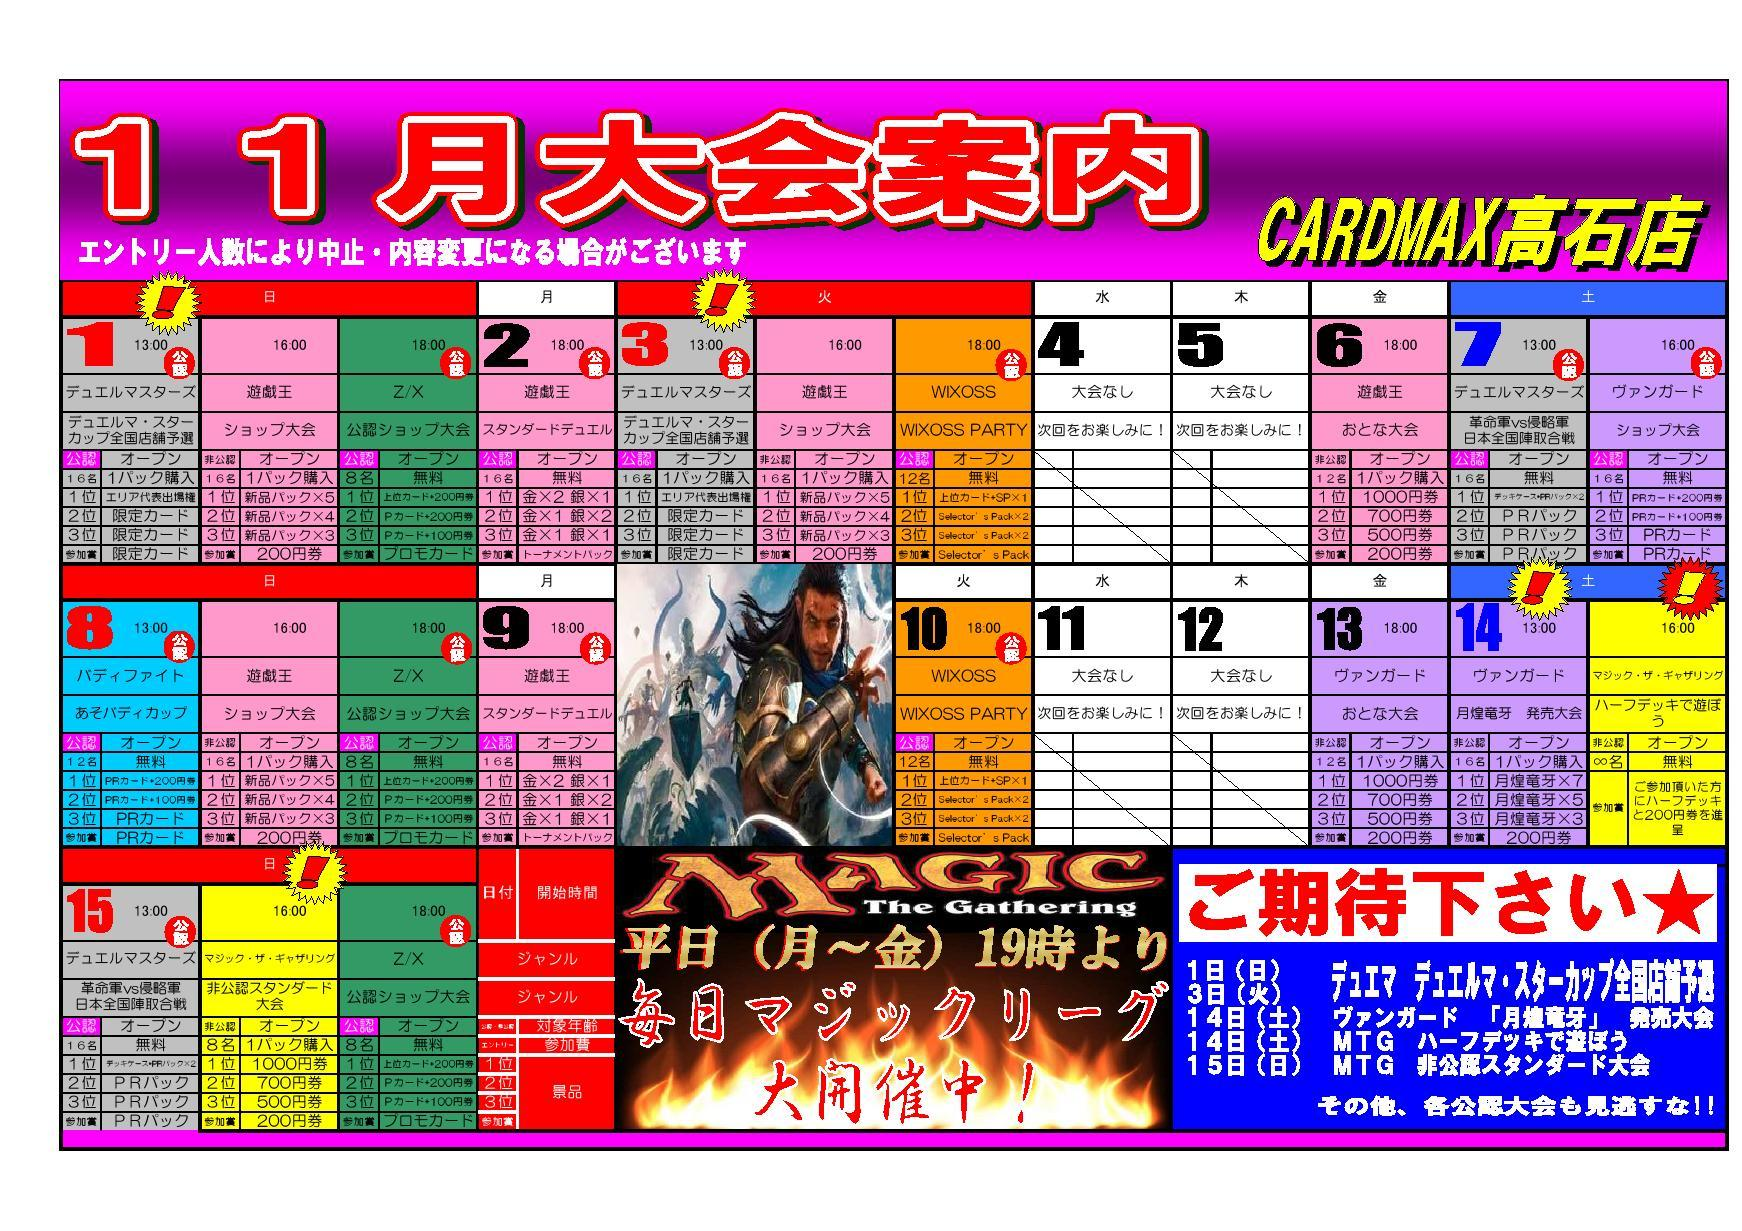 【高石店】11月前半大会情報_d0259027_18112404.jpg